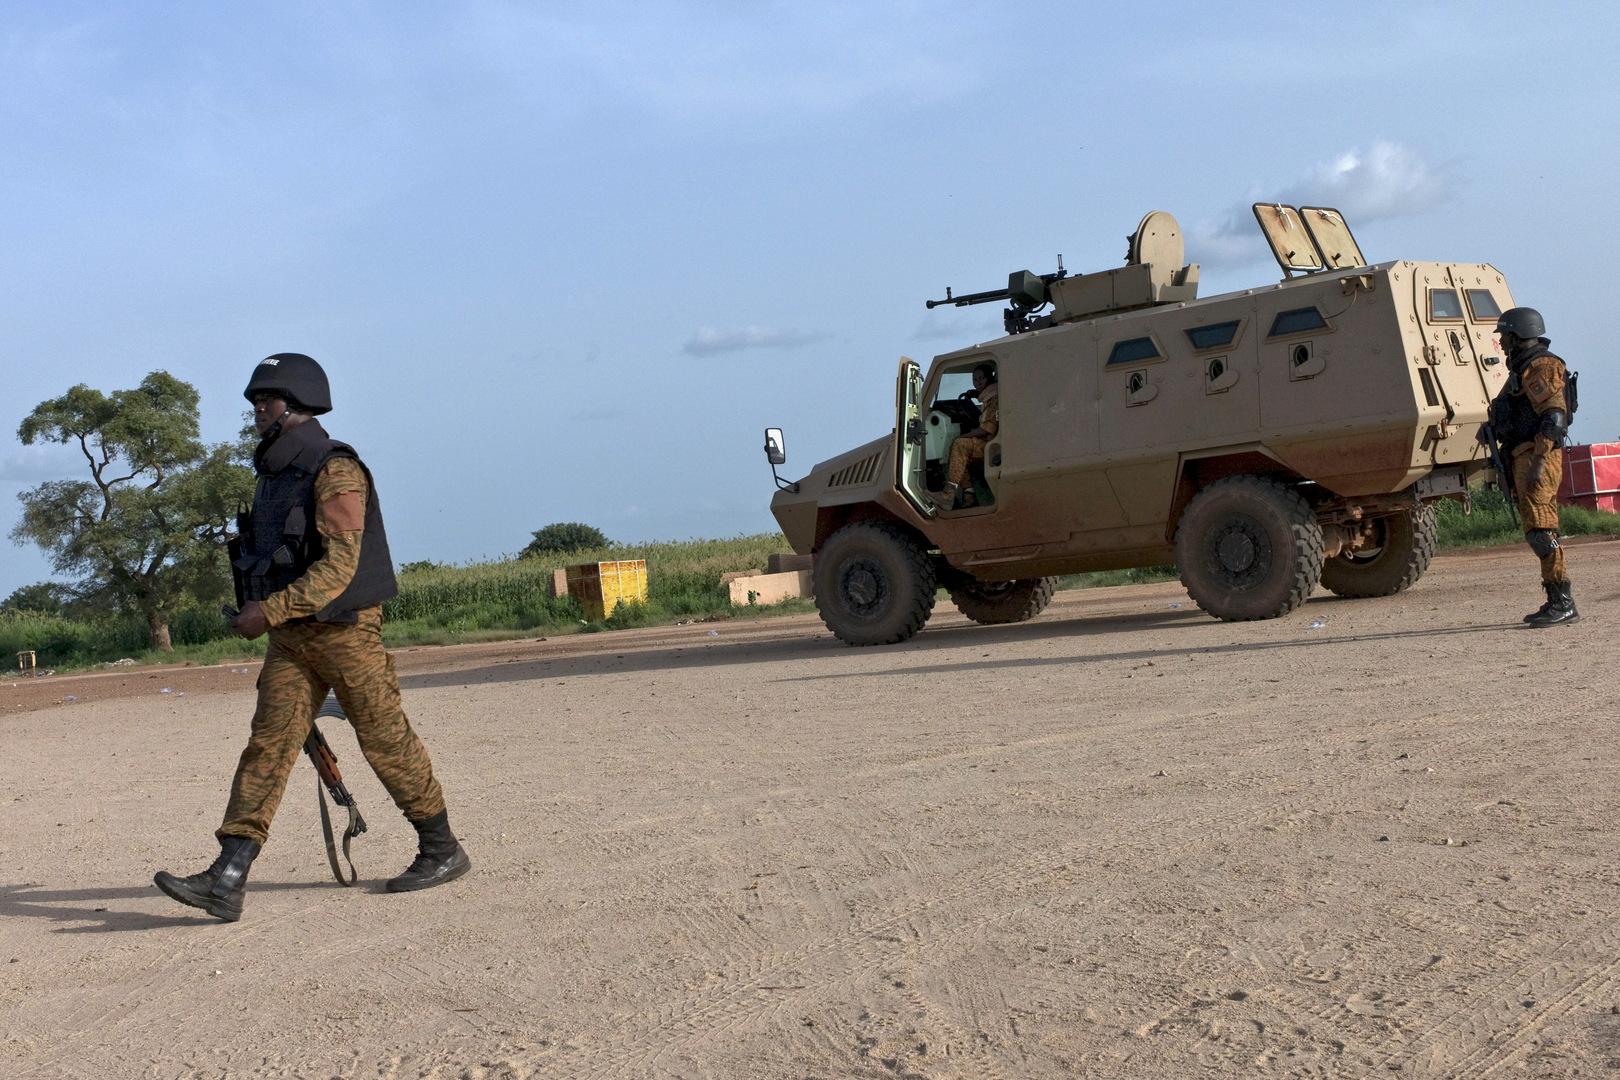 مصادر: مقتل أمريكي برصاص الجيش قبيل الانتخابات في بوركينا فاسو